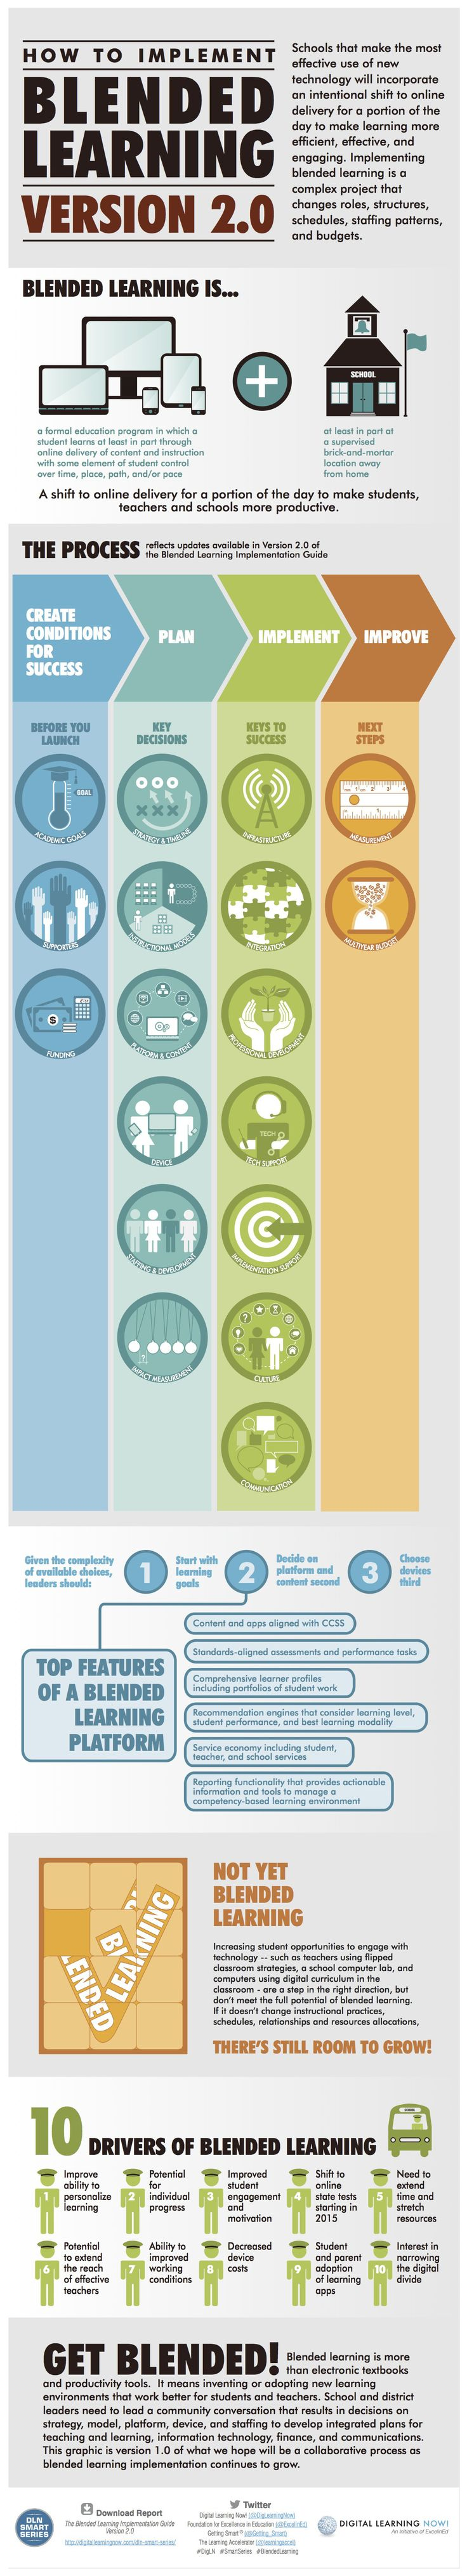 http://digitallearningnow.com/site/uploads/2013/09/BLIG-2.0-Infographic.jpg http://pairadimes.davidtruss.com/not-yet-blended-learning/